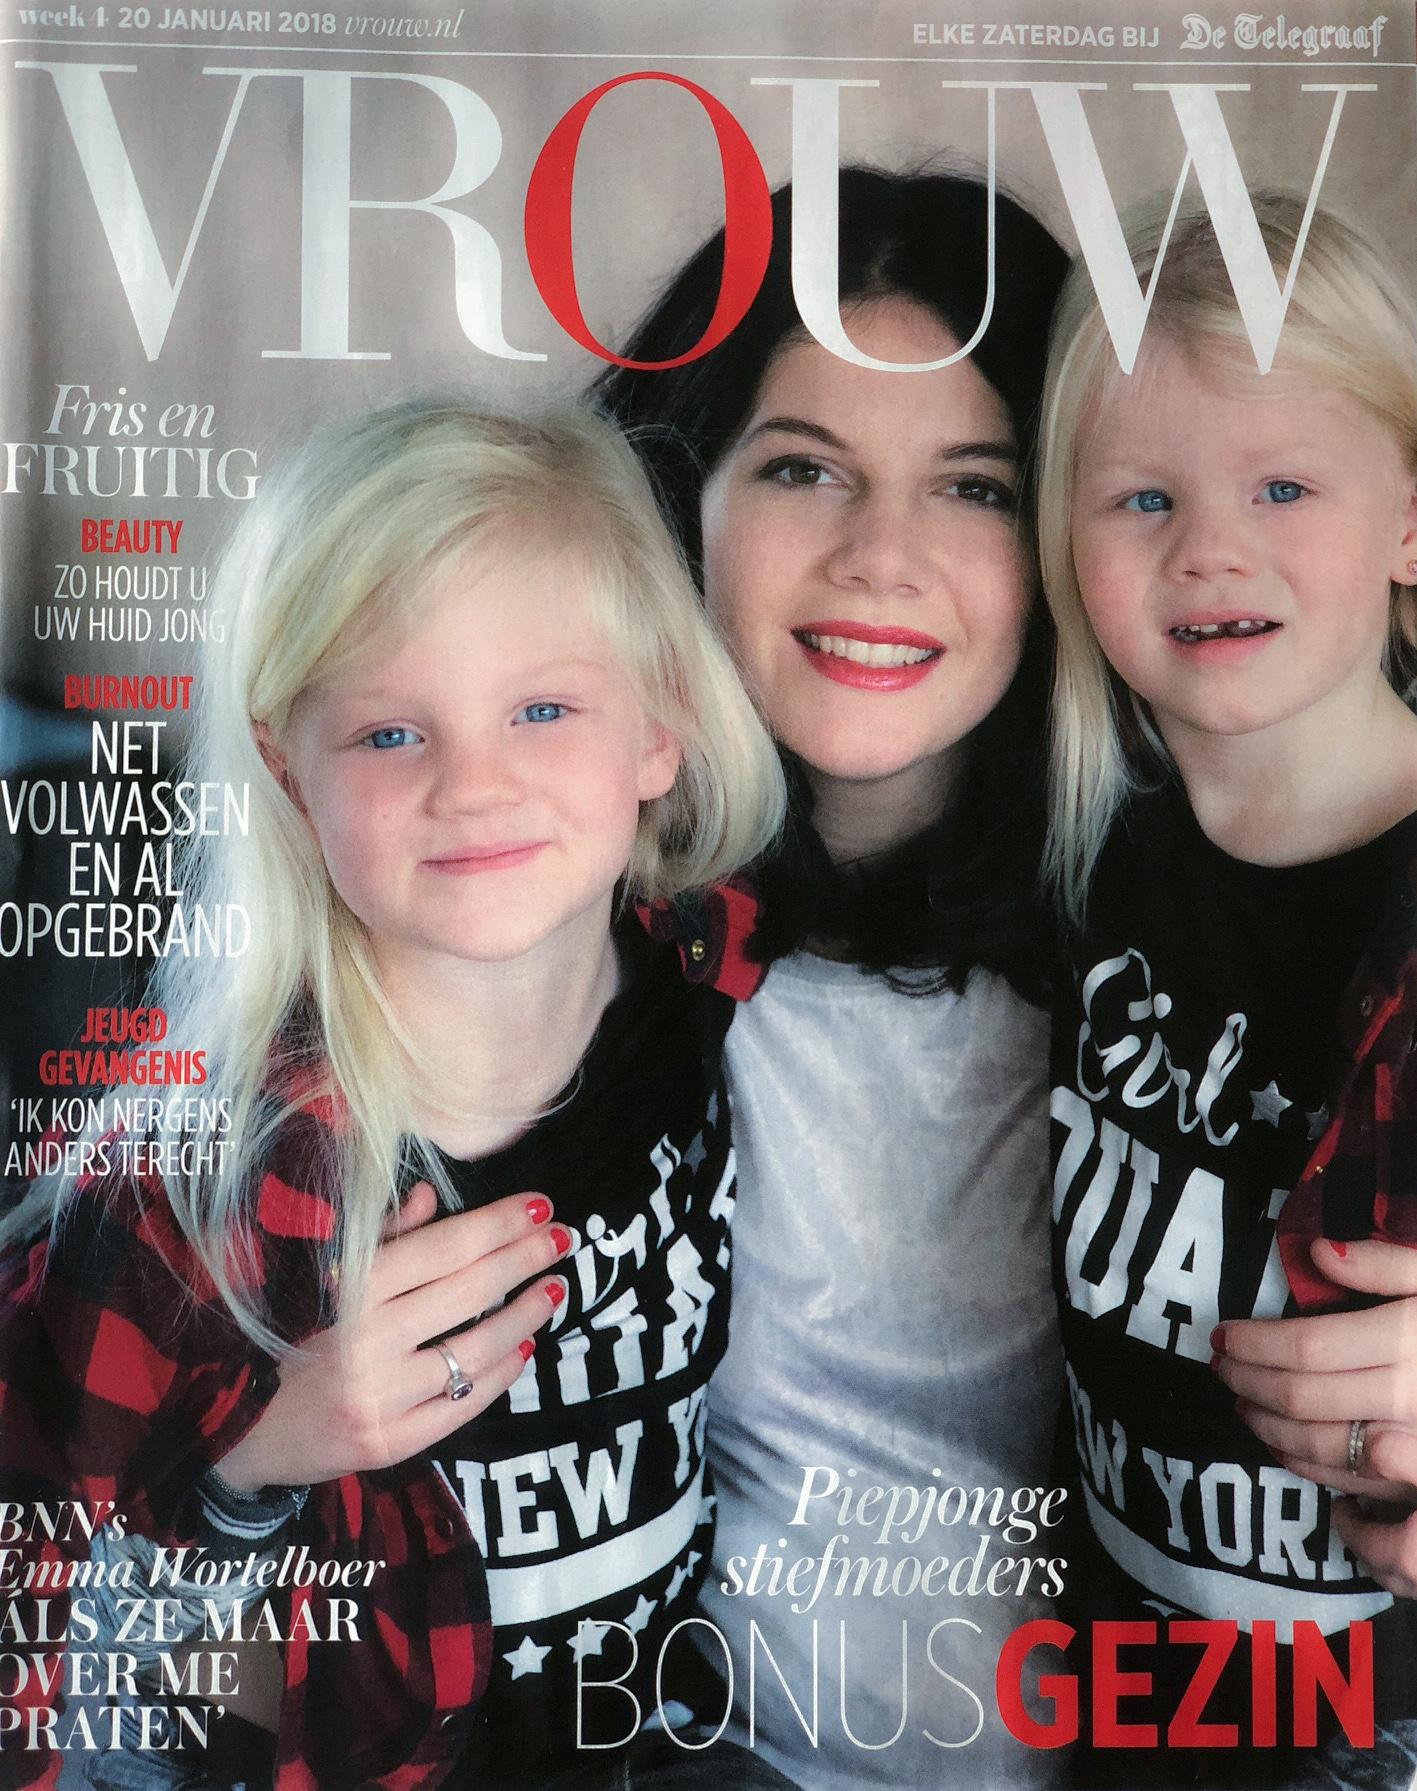 Just Published | Jonge Stiefmoeders | VROUW (Telegraaf)